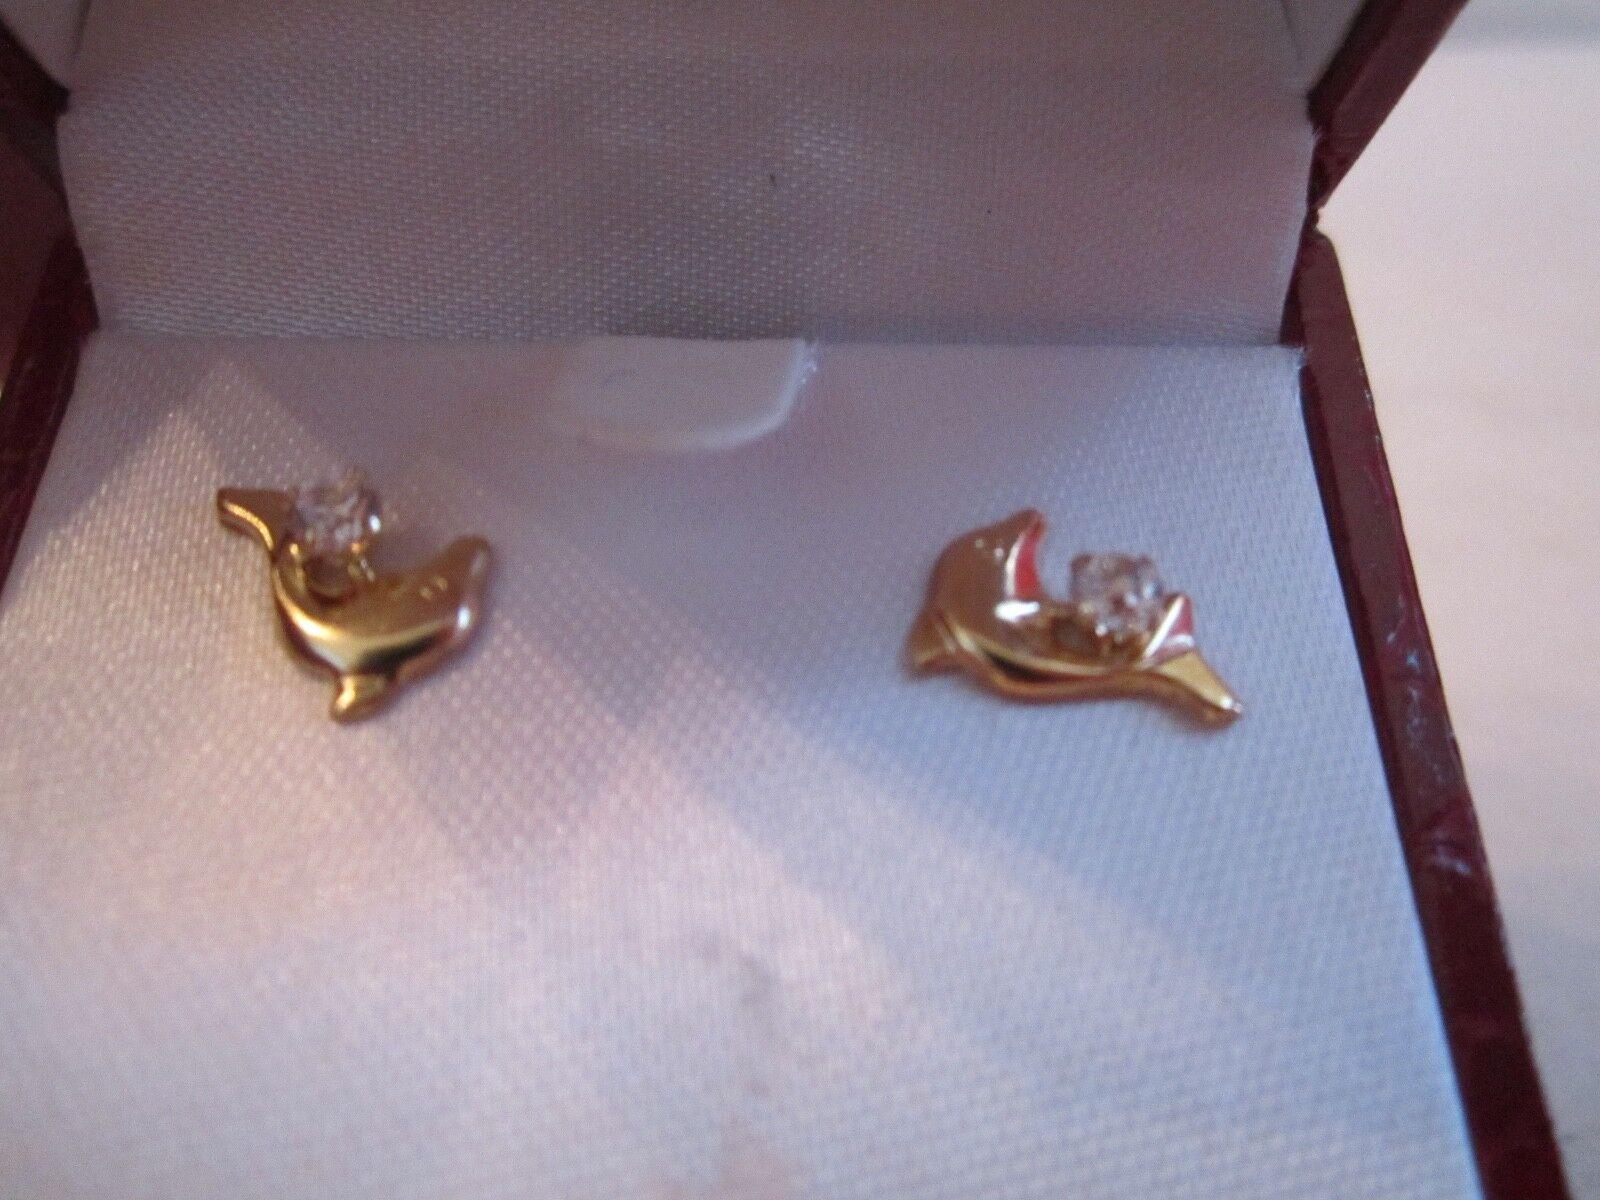 JACMEL 14K gold & DIAMOND EARRINGS - IN THE BOX - BRAND NEW